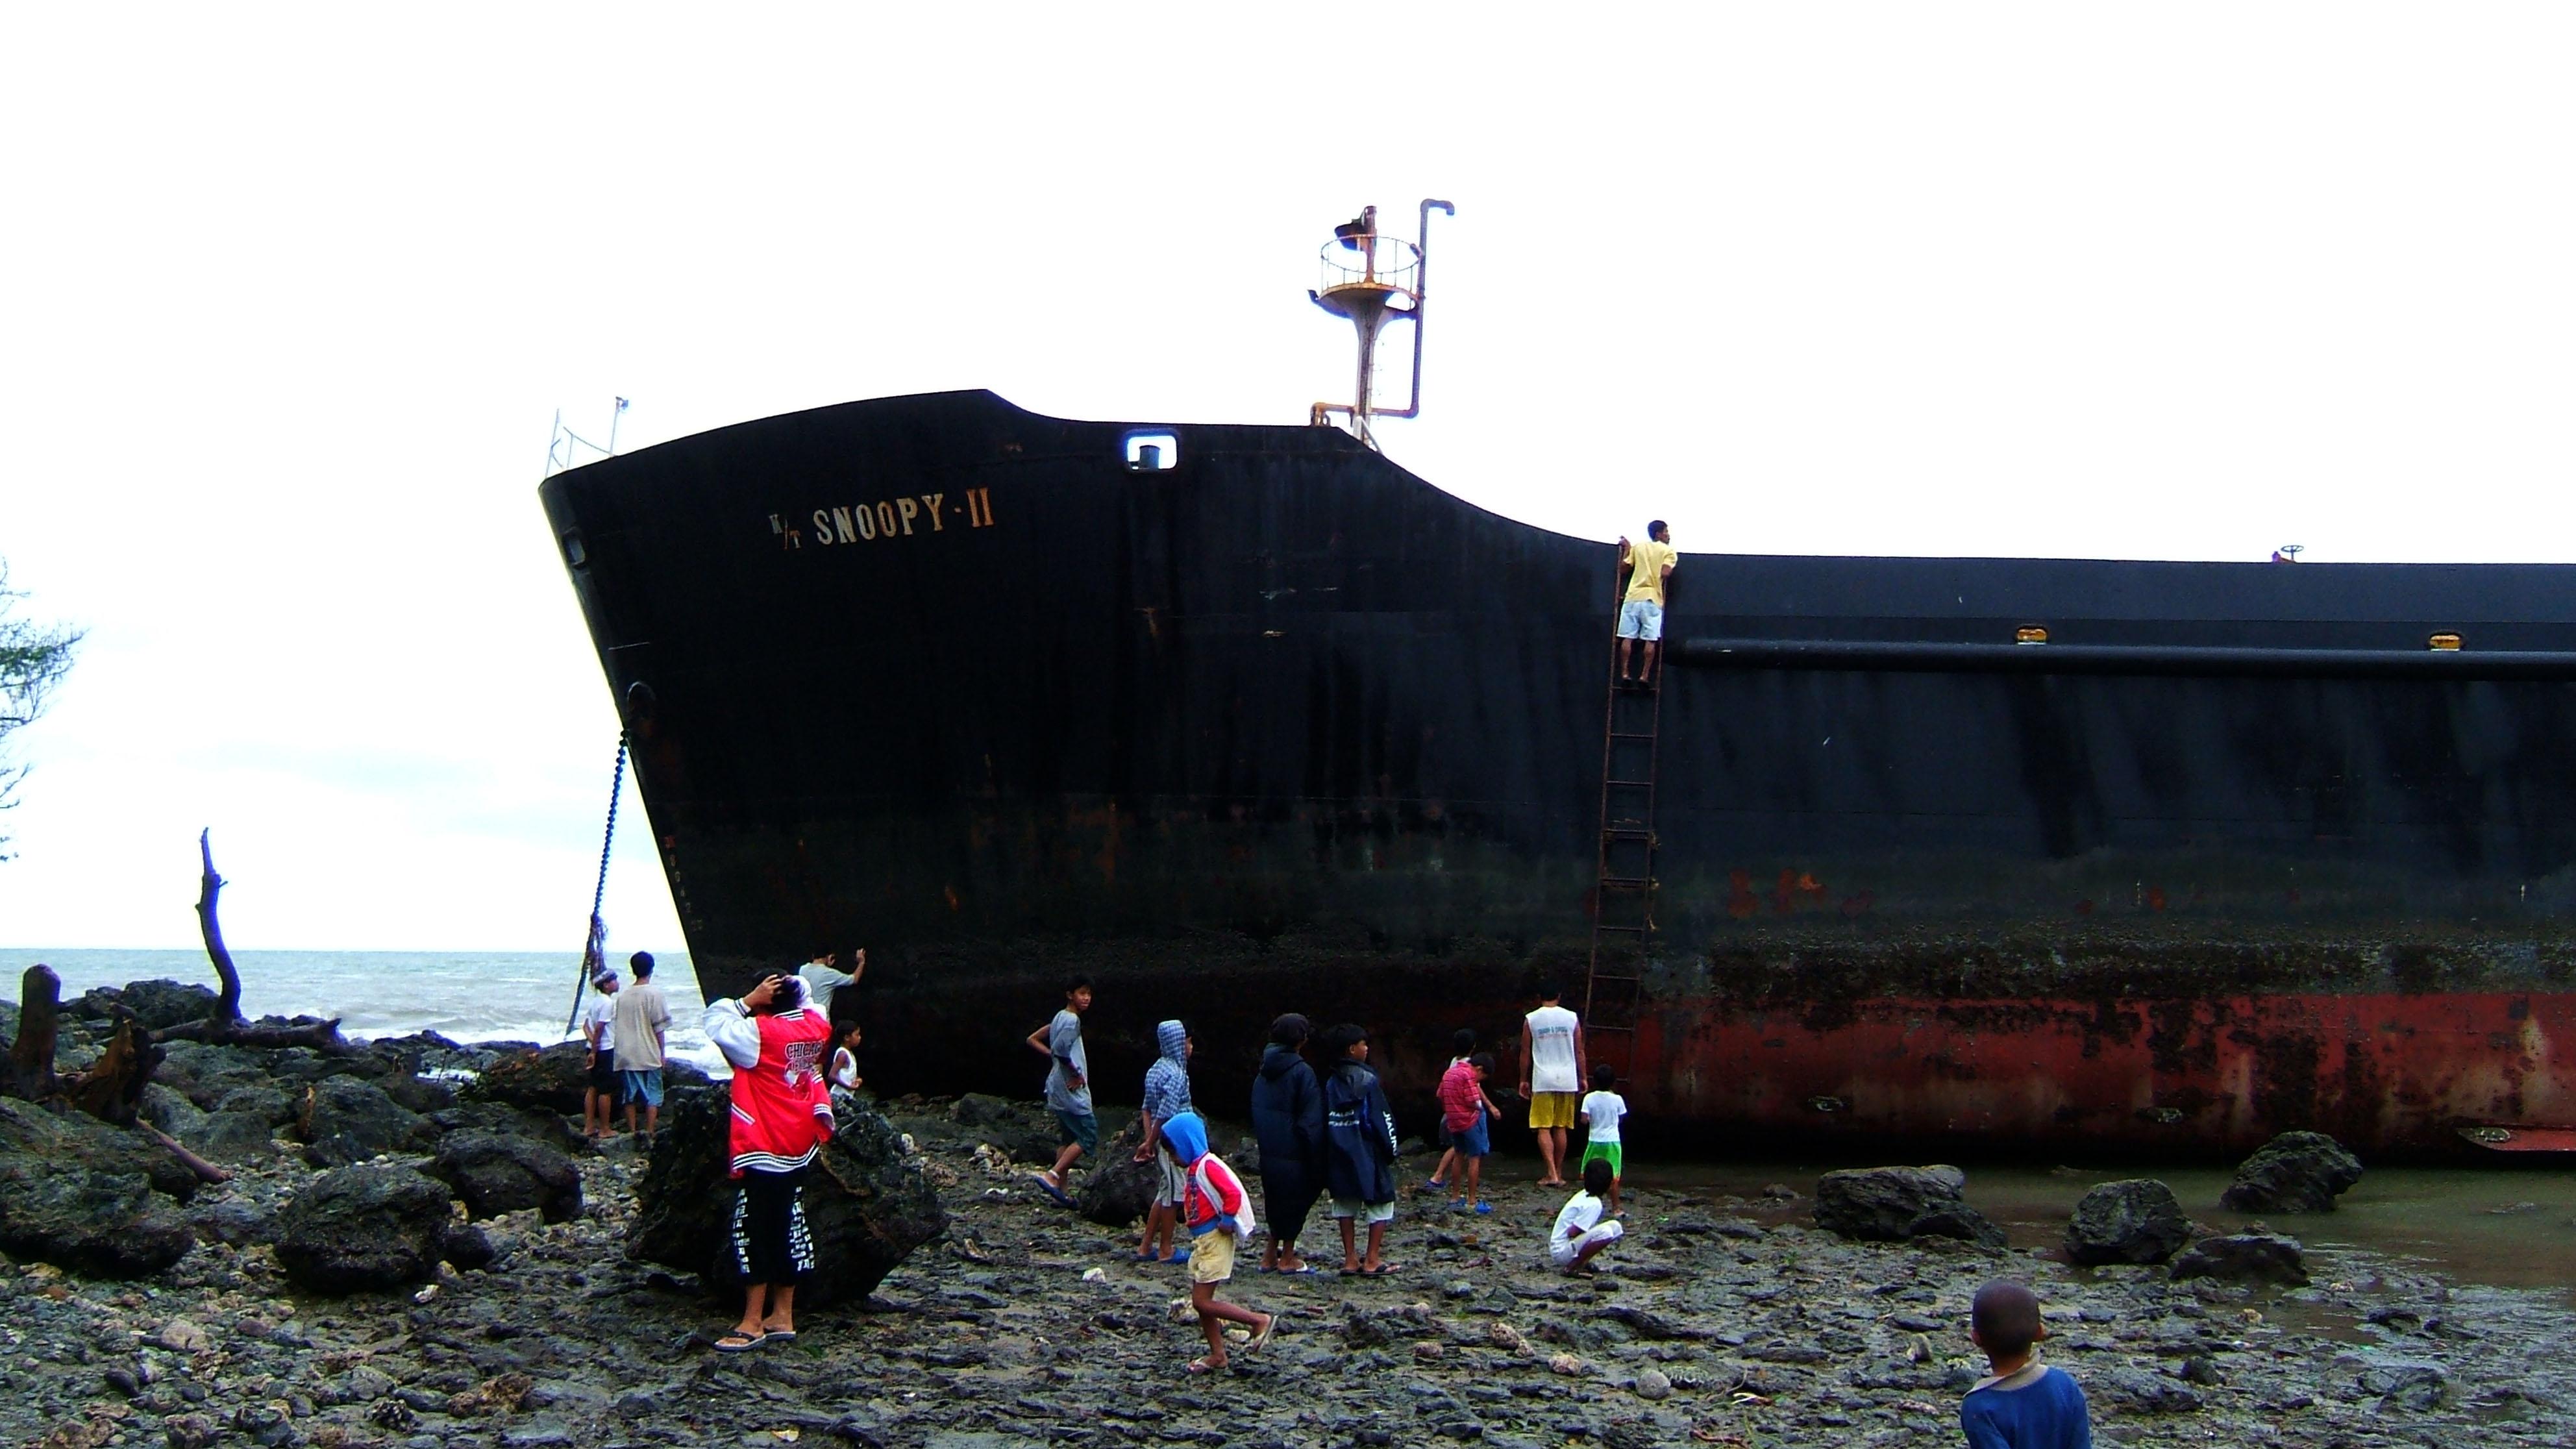 MV Snoopy II Typhoon Chanchu Poblacion Hundura Beach Varadero Bay 11